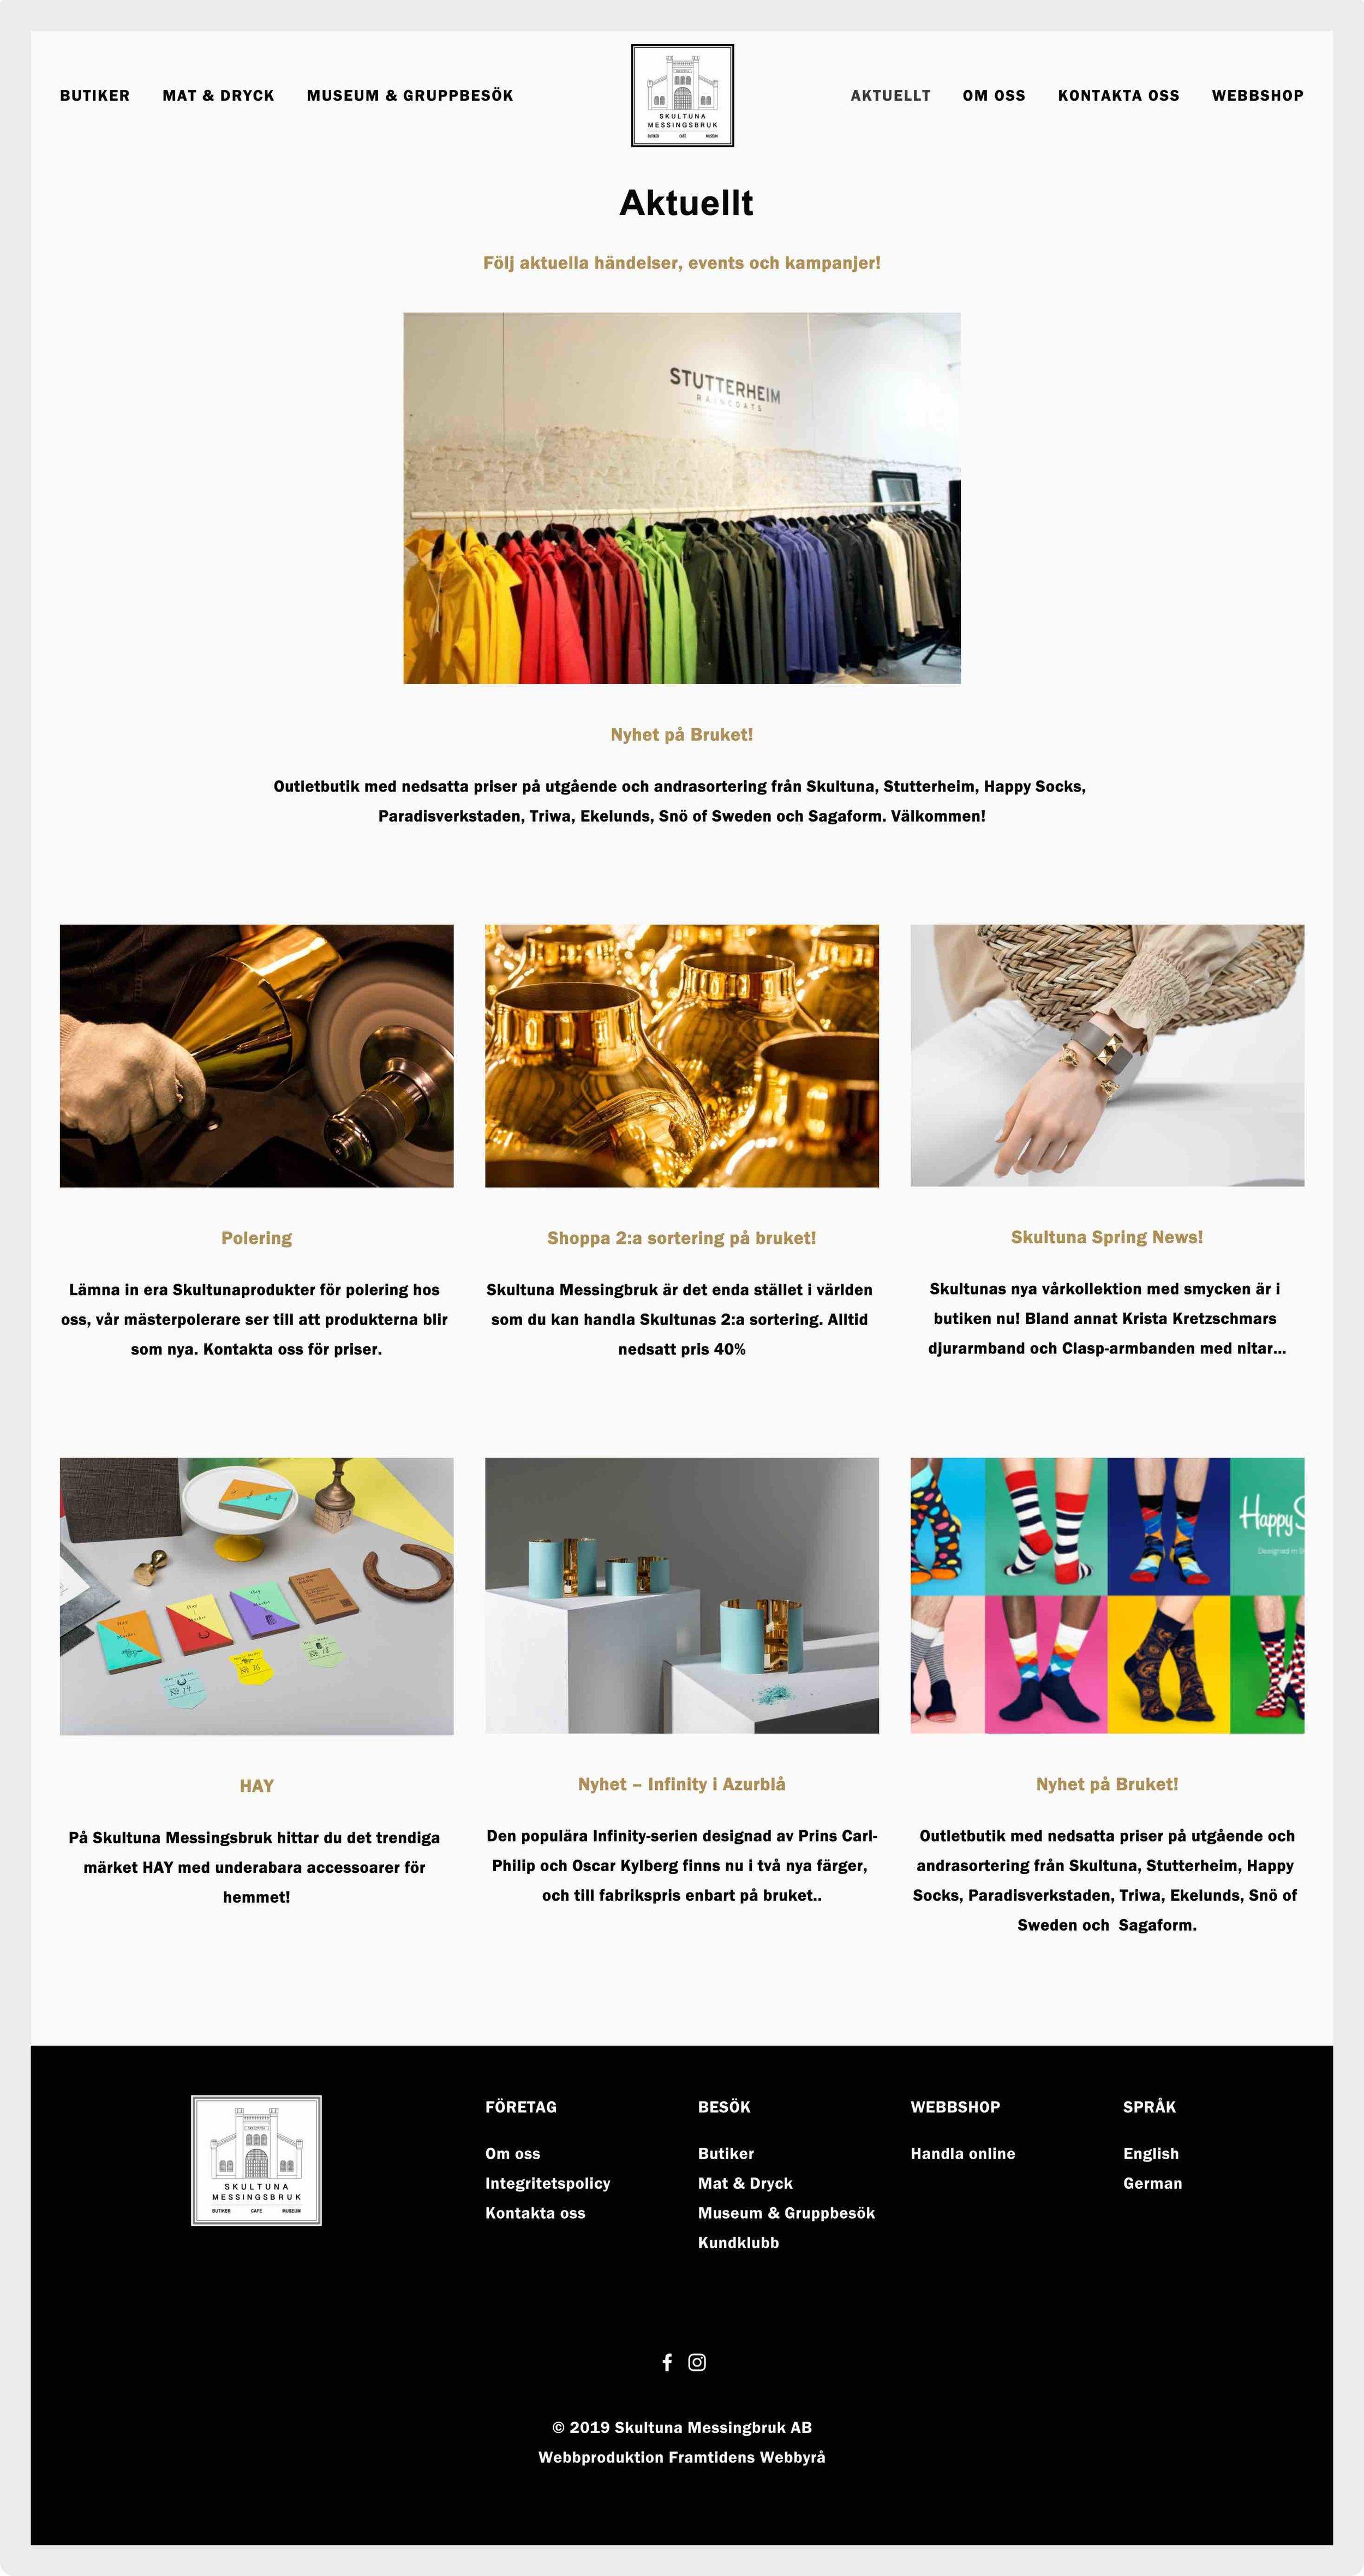 framtidens-webbyrå-webbplats-uppdrag-skultuna-fabriksbutiker-aktuellt.jpg